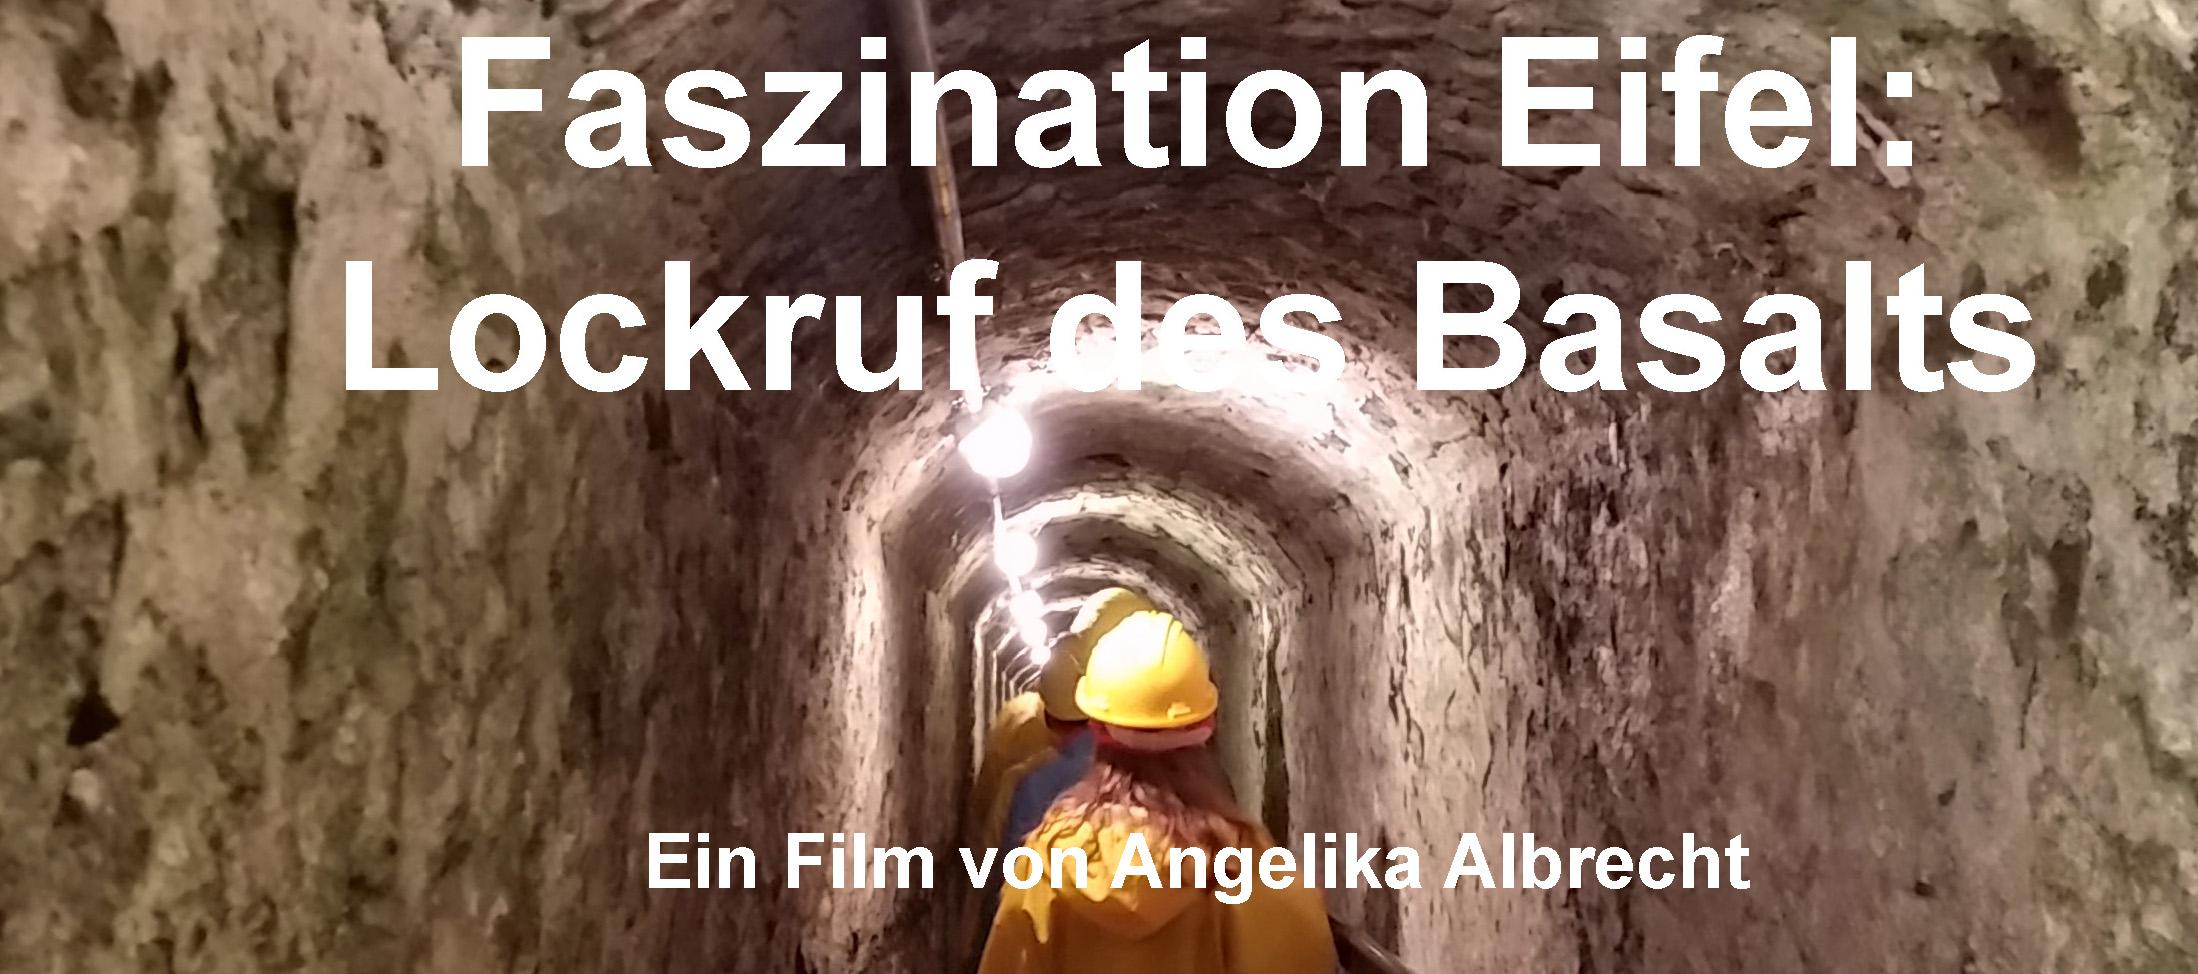 Faszination Eifel: Der Lockruf des Basalts